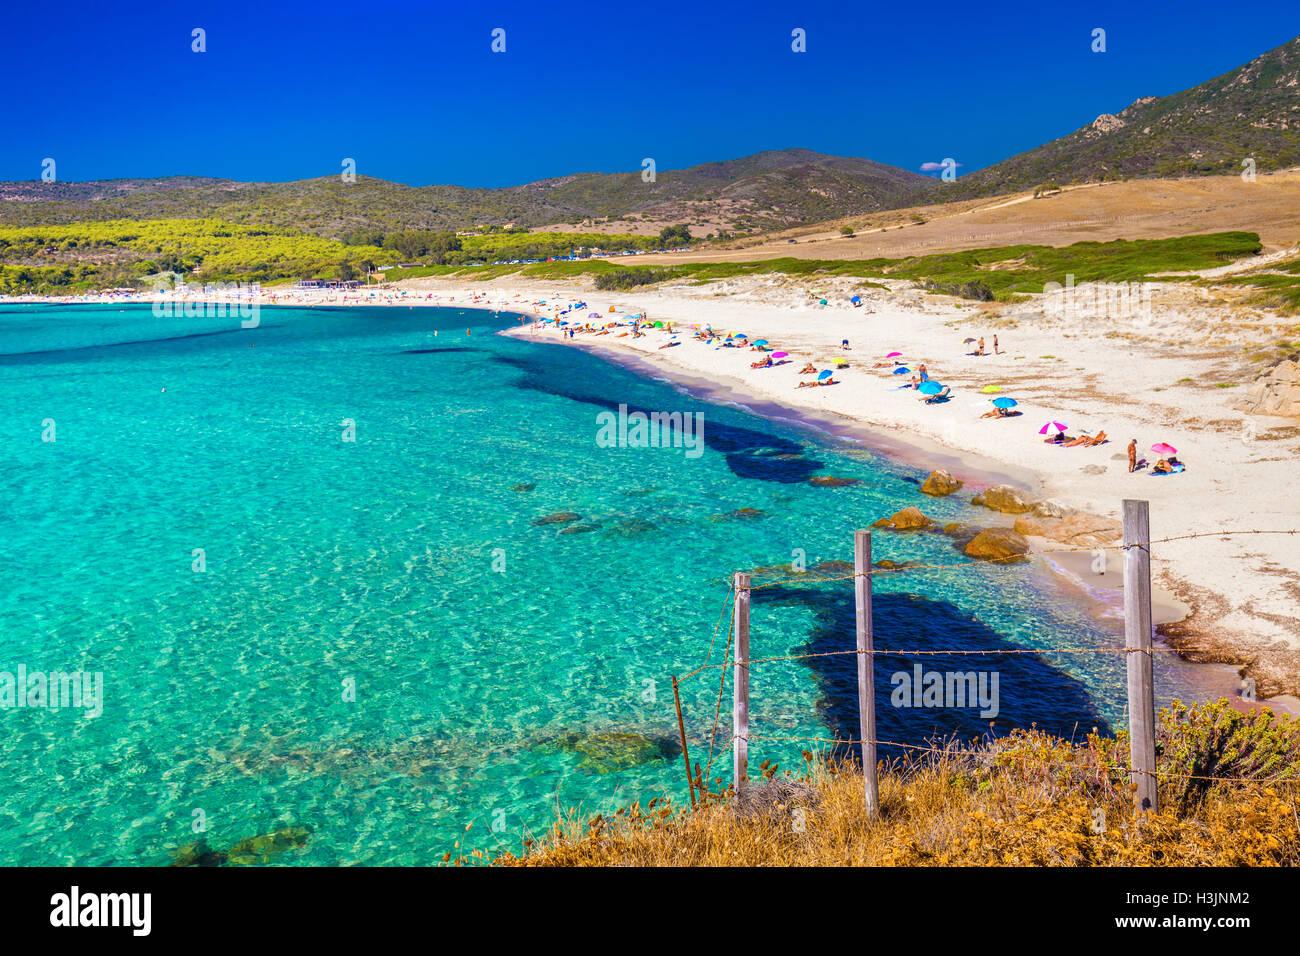 Les personnes bénéficiant du beau temps sur la plage de sable de Grand Capo avec Red Rocks près de Photo Stock